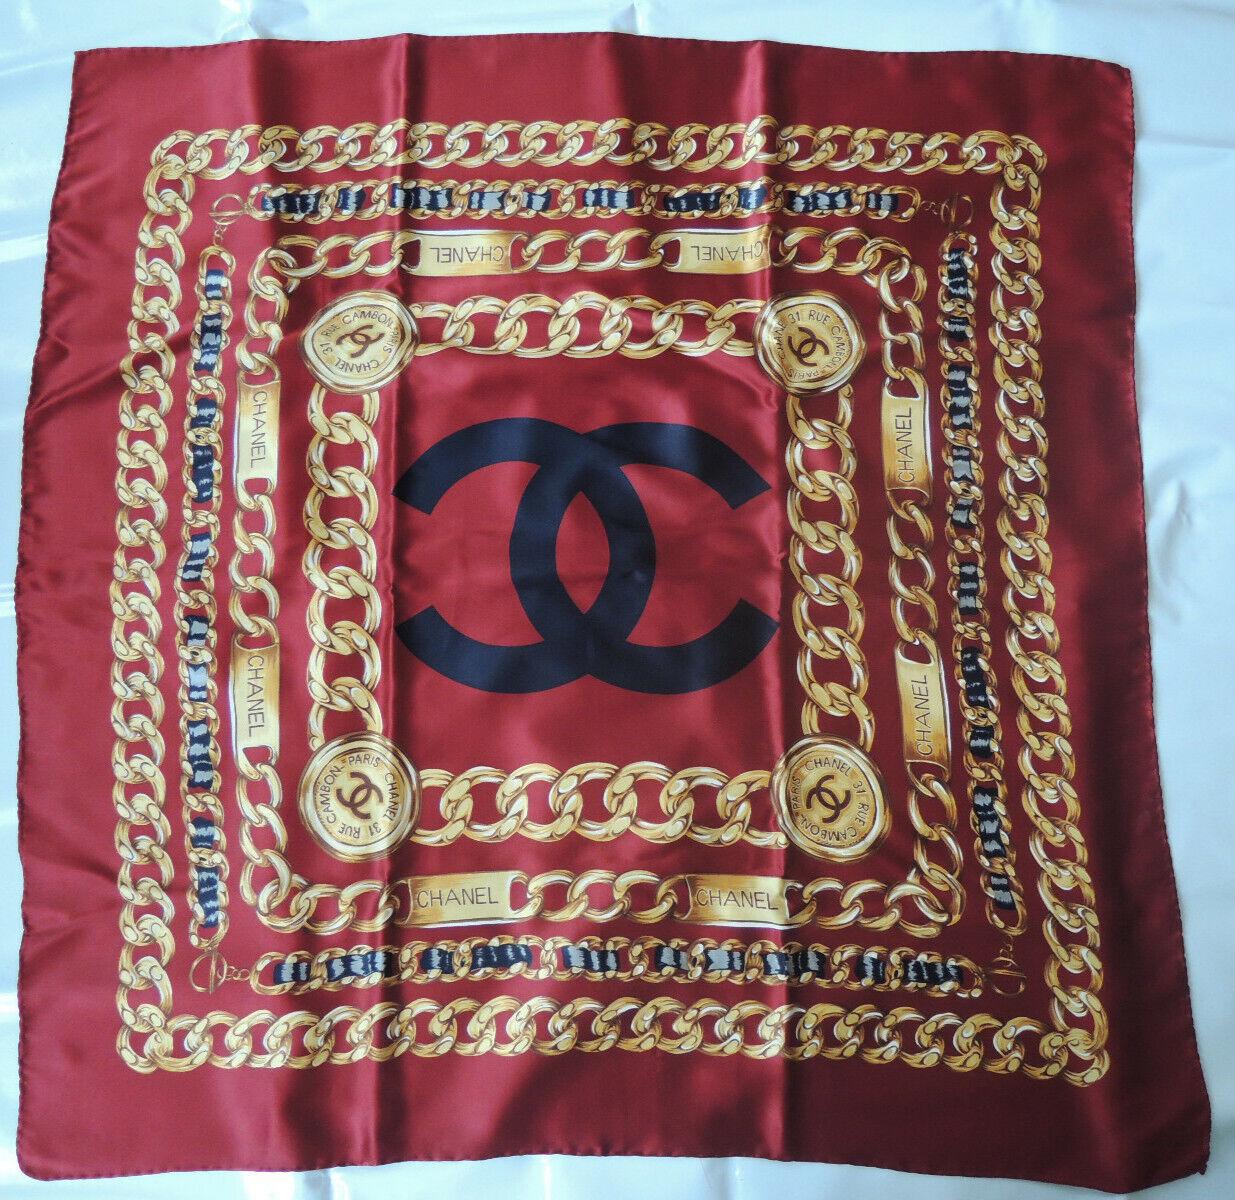 Foulard chanel en soie -100*100cm - très bon état. vintage